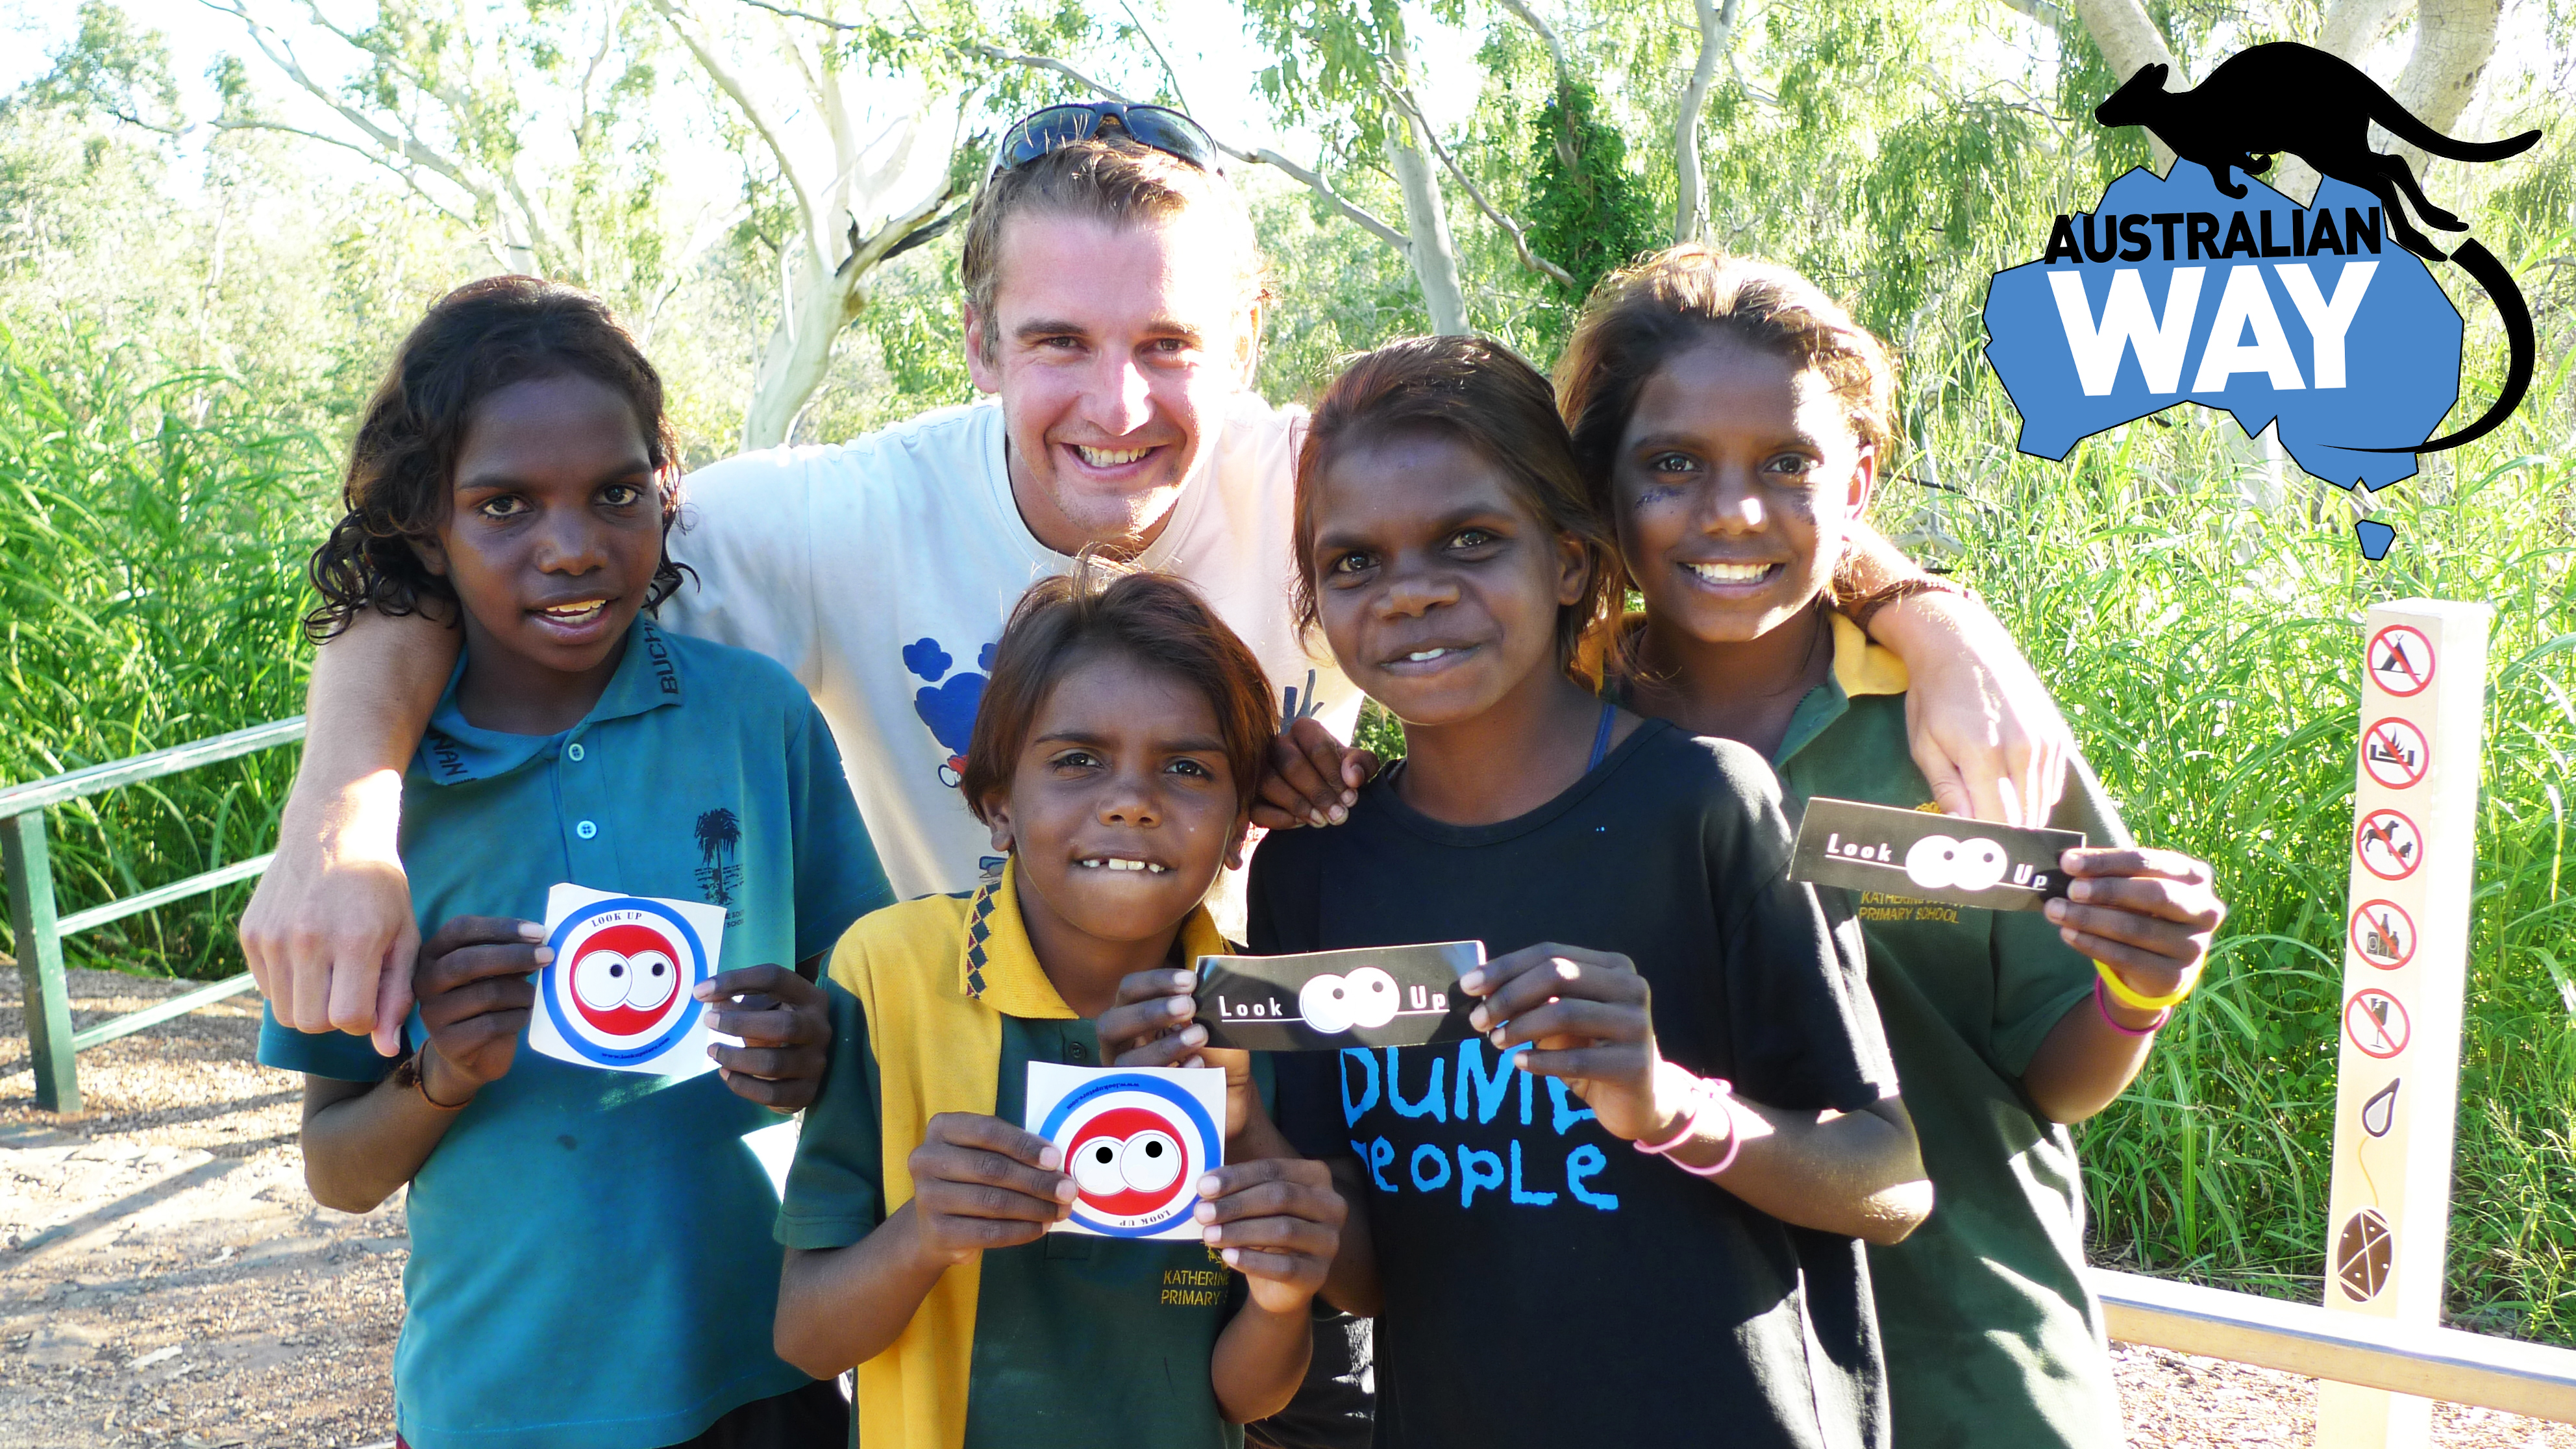 Estudia en Australia Australian Way dia universal del niño2